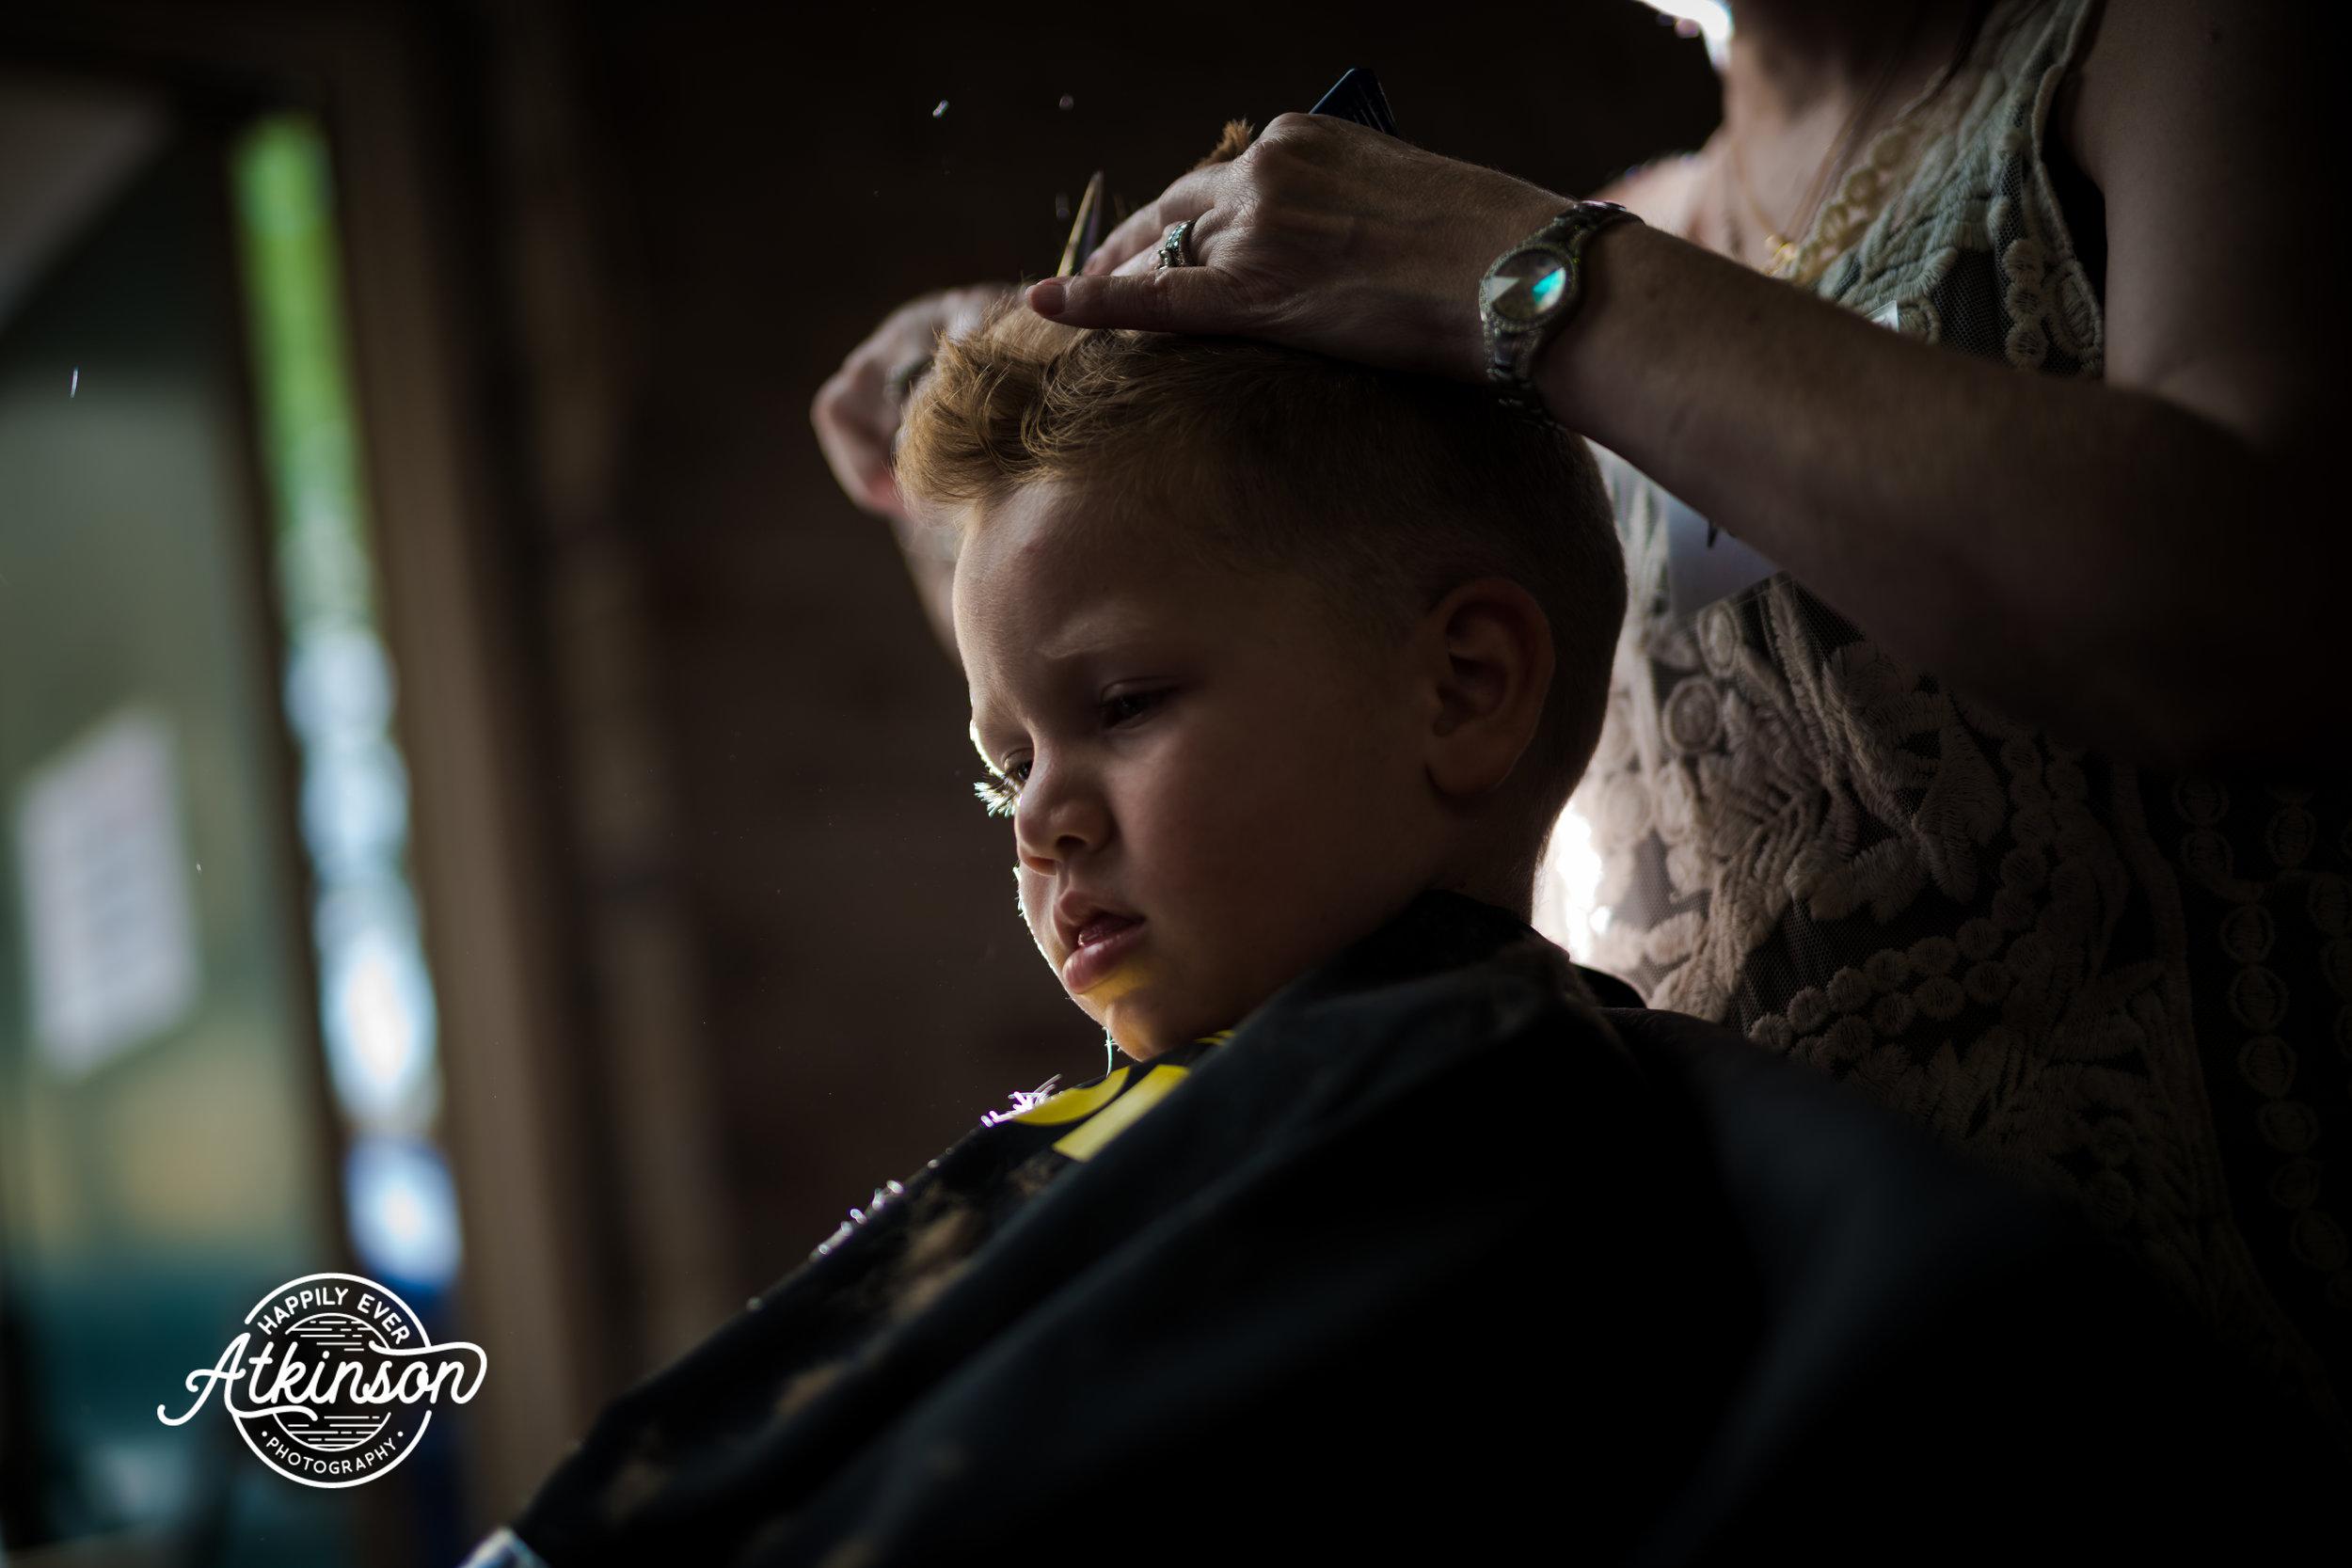 little boy gets a haircut